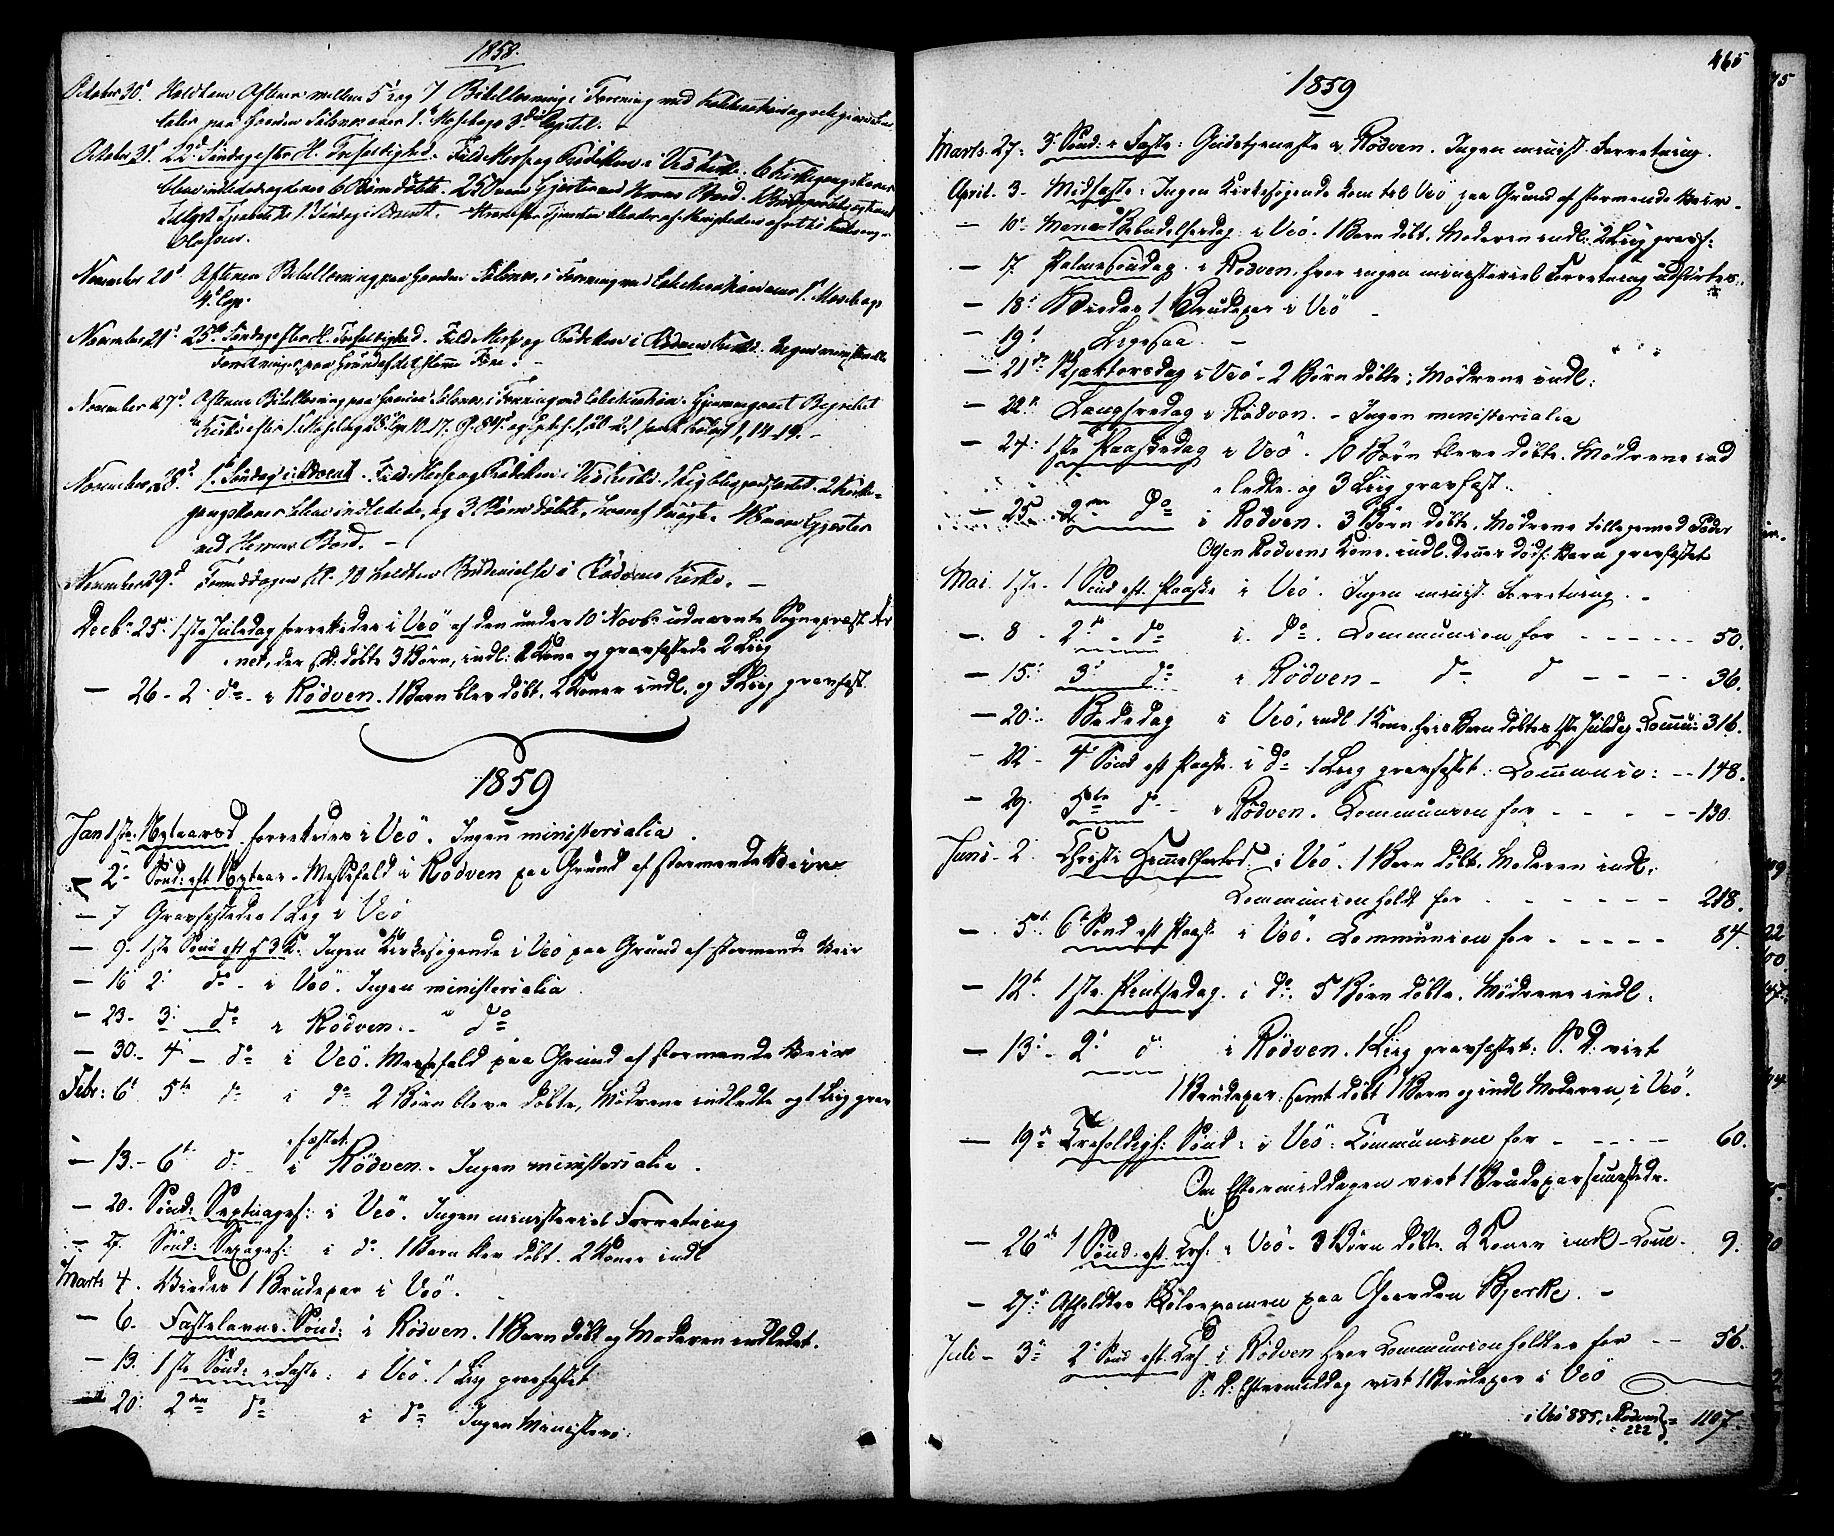 SAT, Ministerialprotokoller, klokkerbøker og fødselsregistre - Møre og Romsdal, 547/L0603: Ministerialbok nr. 547A05, 1846-1877, s. 465